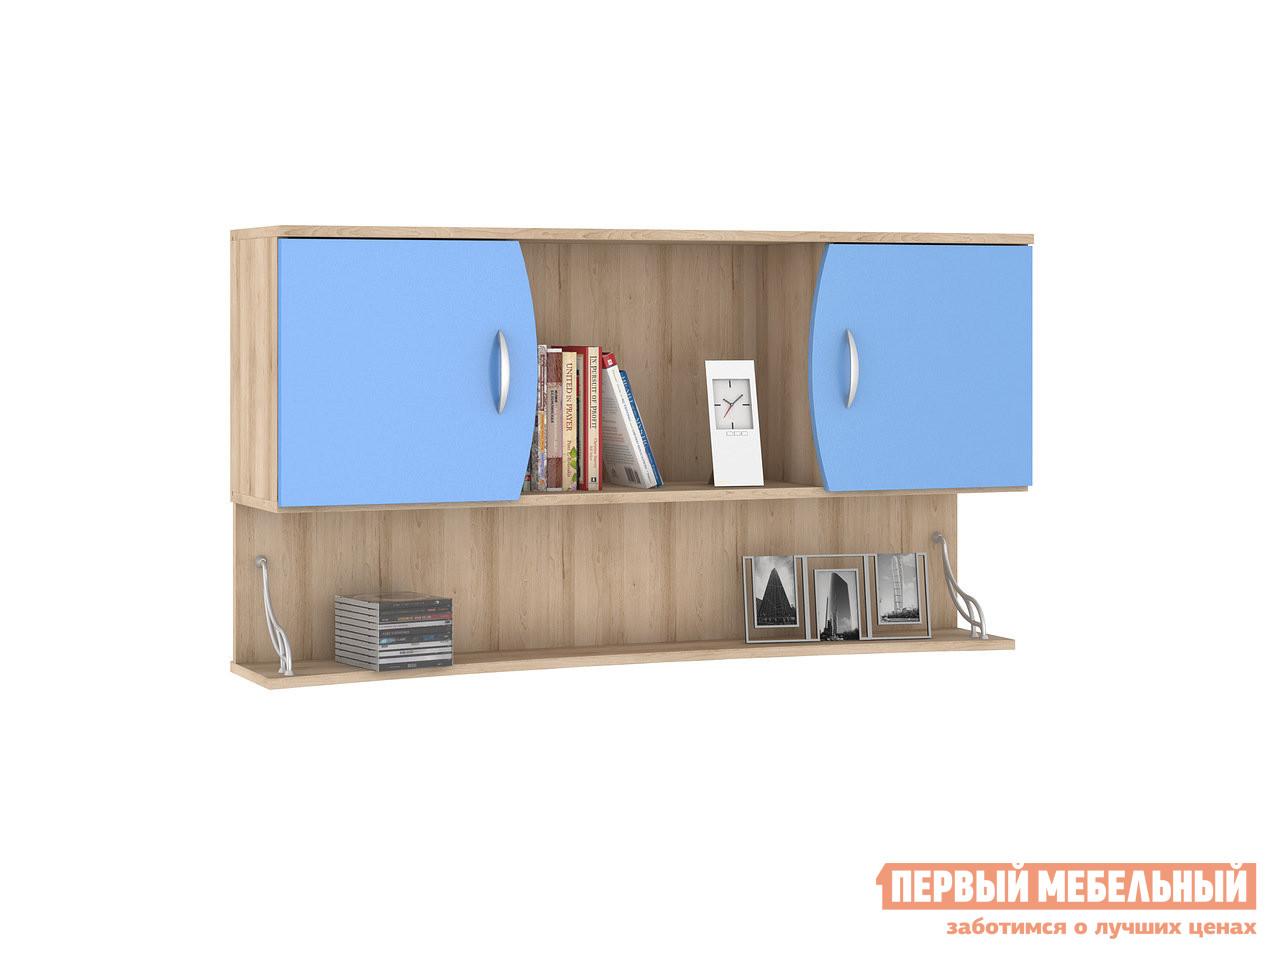 Шкаф навесной Первый Мебельный Ника 415 Шкаф навесной навесной шкаф первый мебельный шкаф навесной длинный маркиза